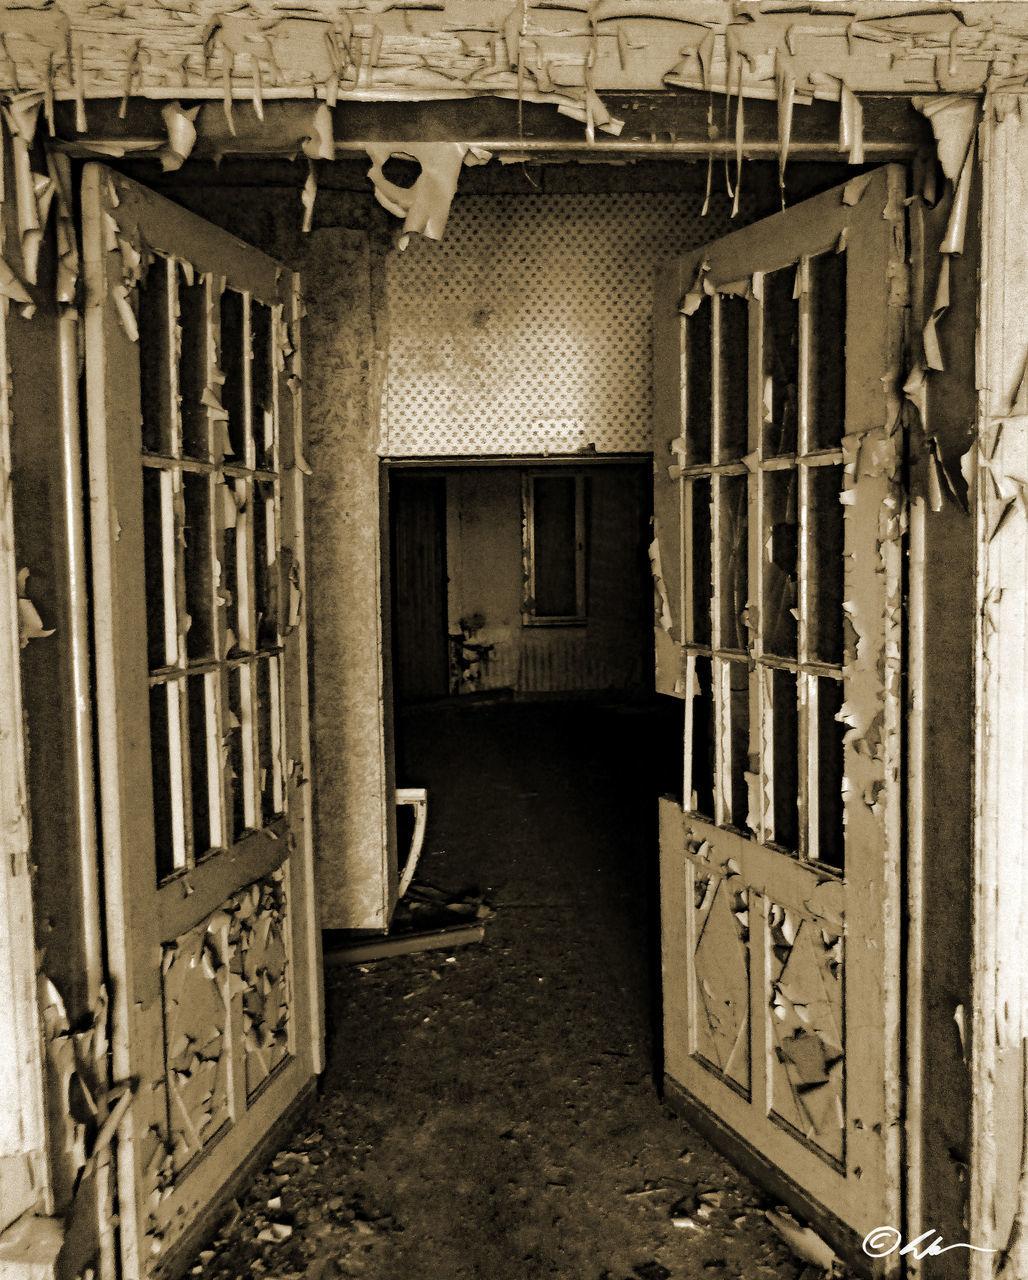 door, architecture, built structure, doorway, prison, no people, indoors, building exterior, entry, day